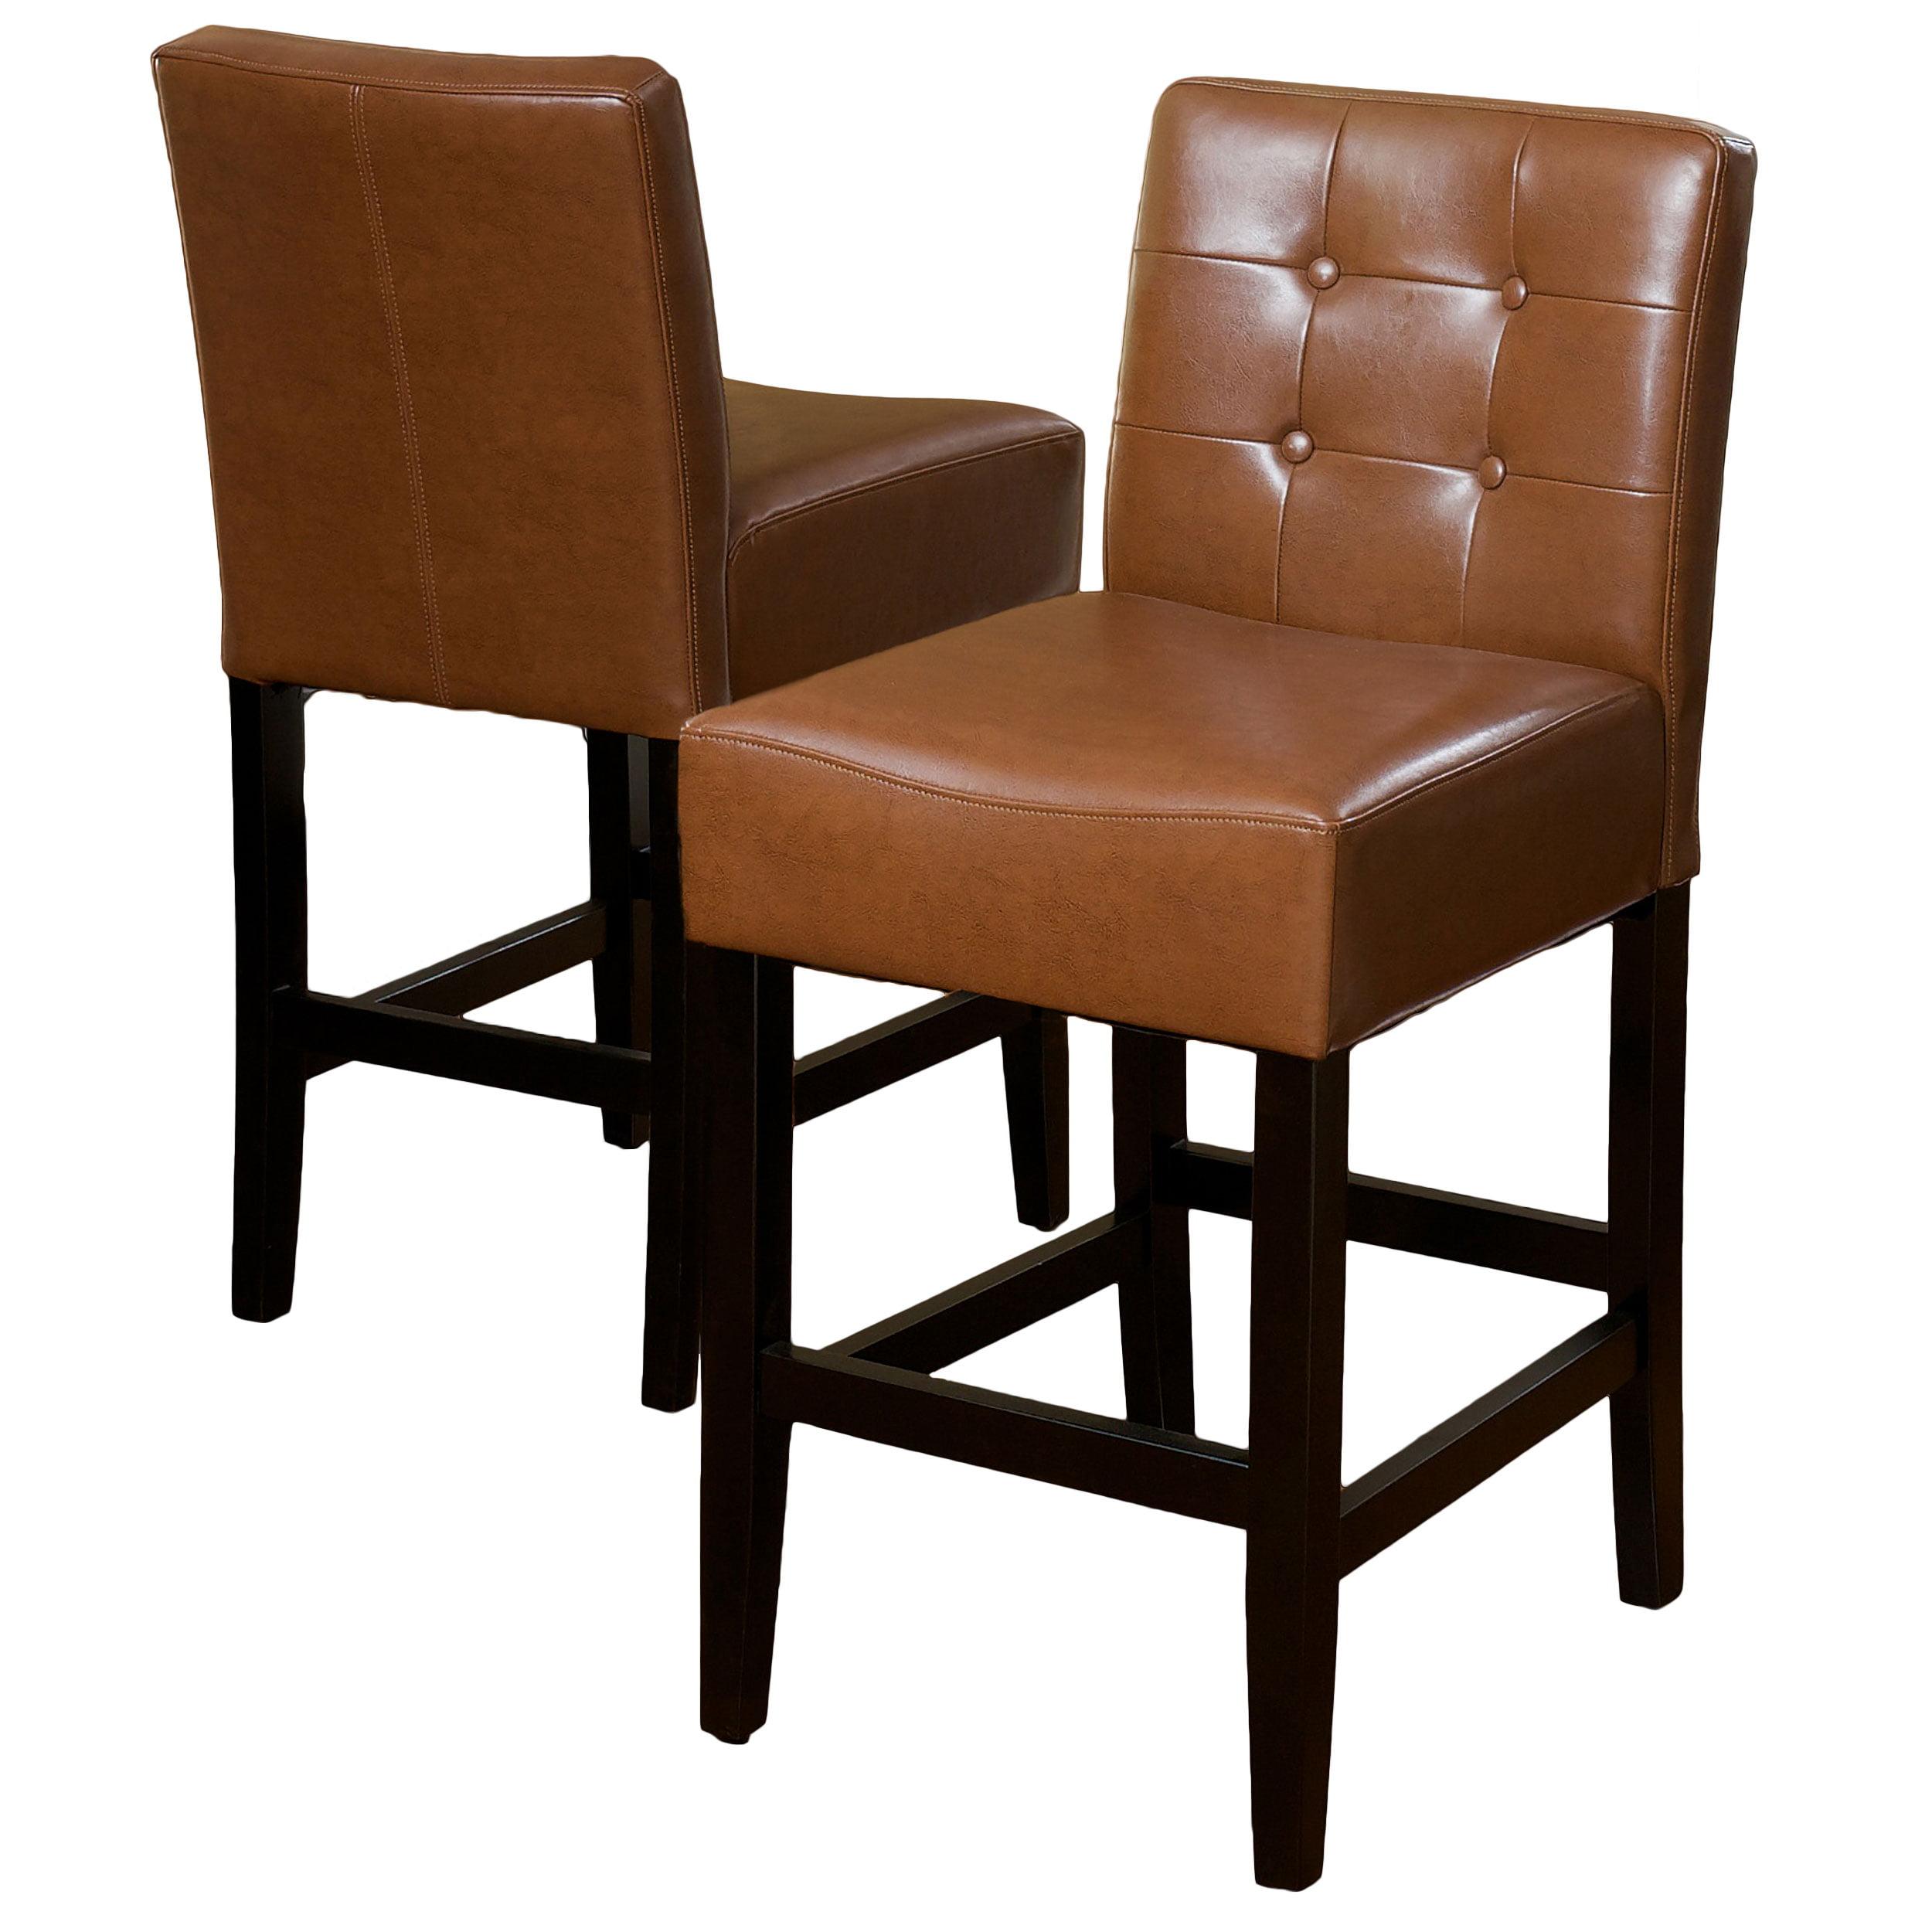 Taft Tufted Hazelnut Bonded Leather Counter Stools Set Of 2